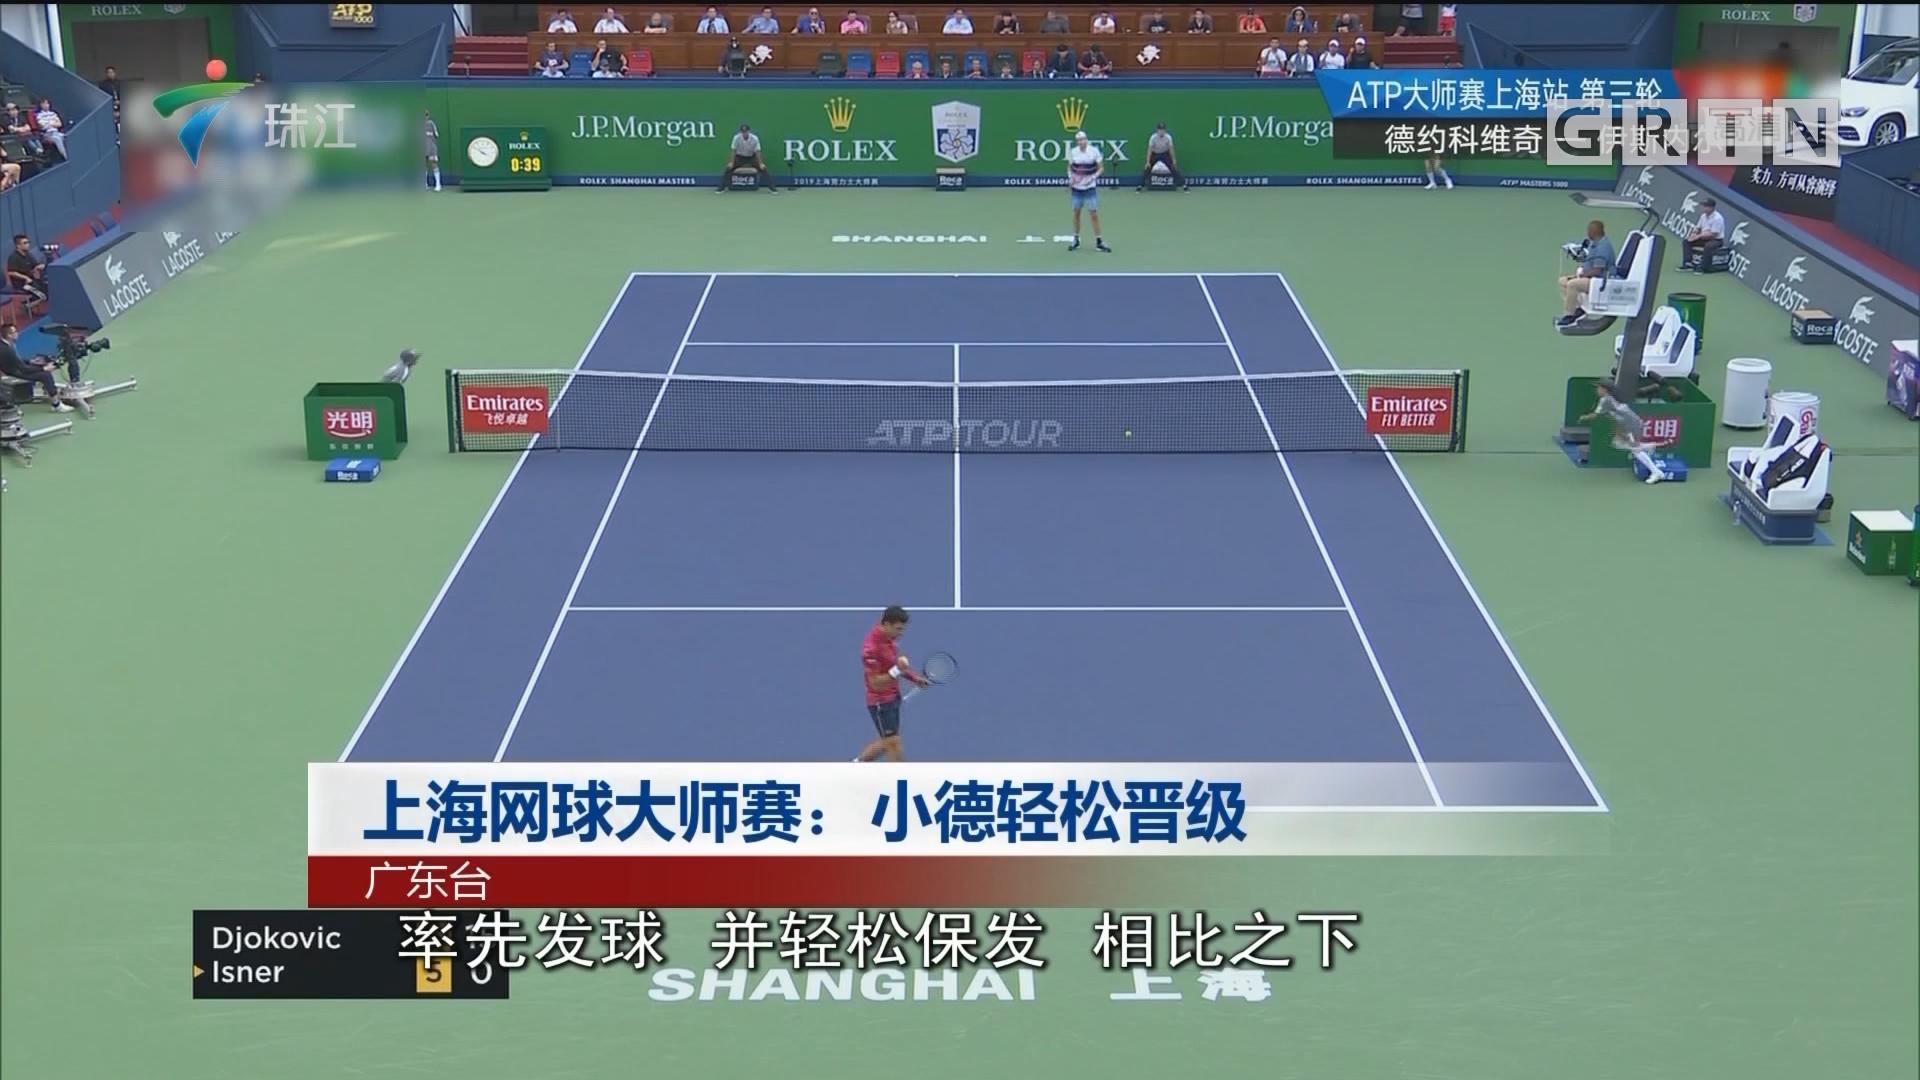 上海网球大师赛:小德轻松晋级